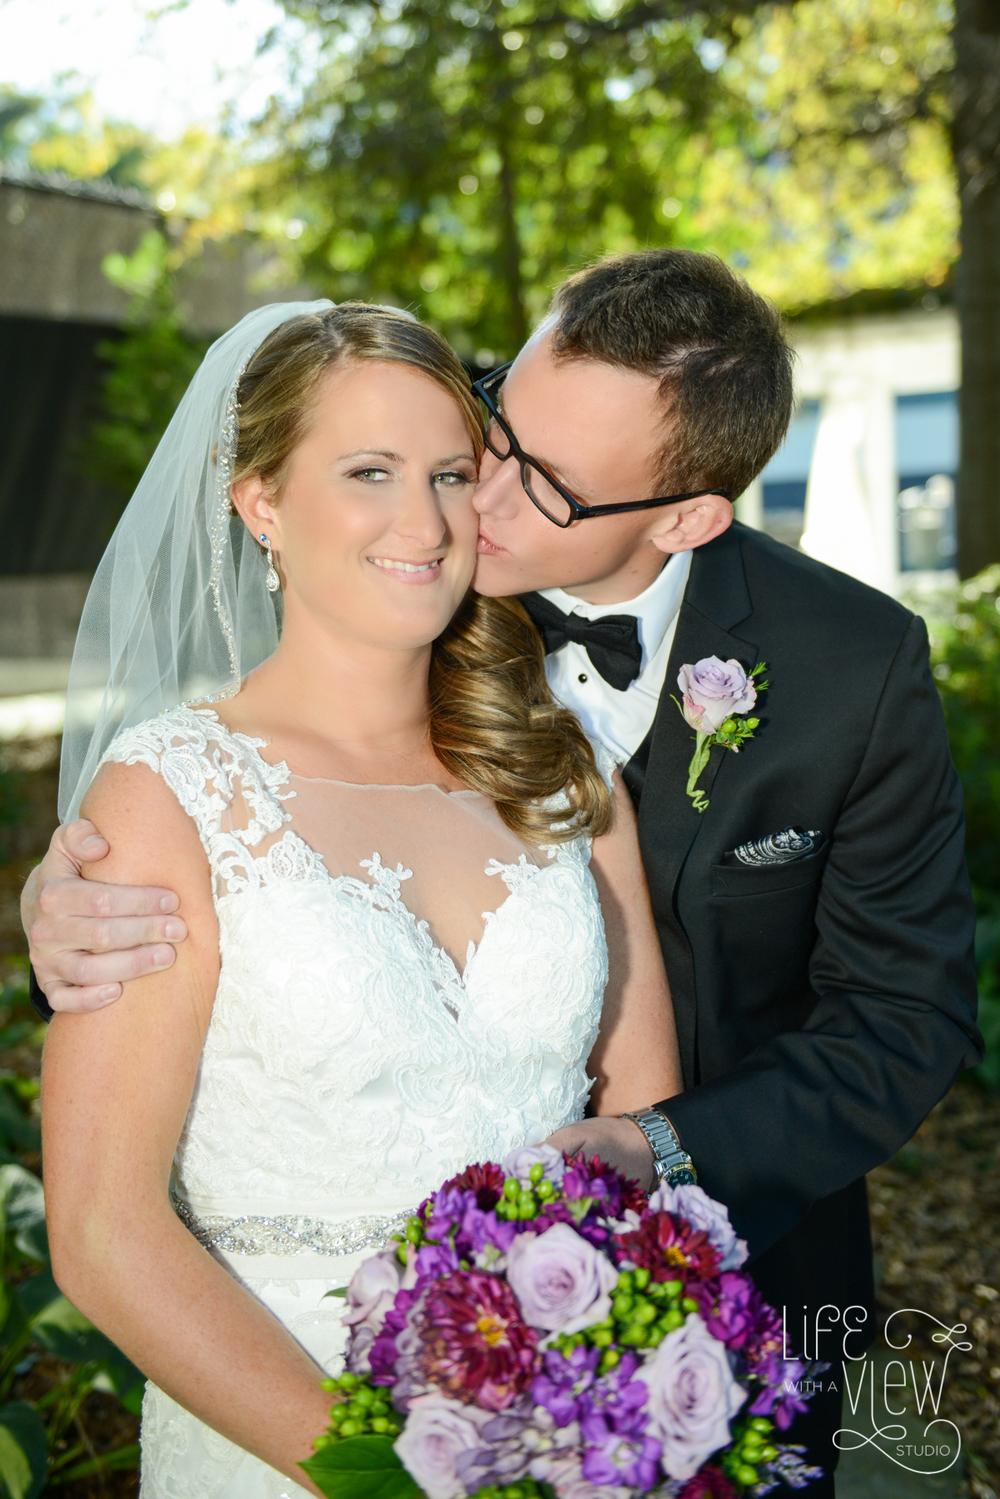 Manker-Patten-Wedding-33.jpg